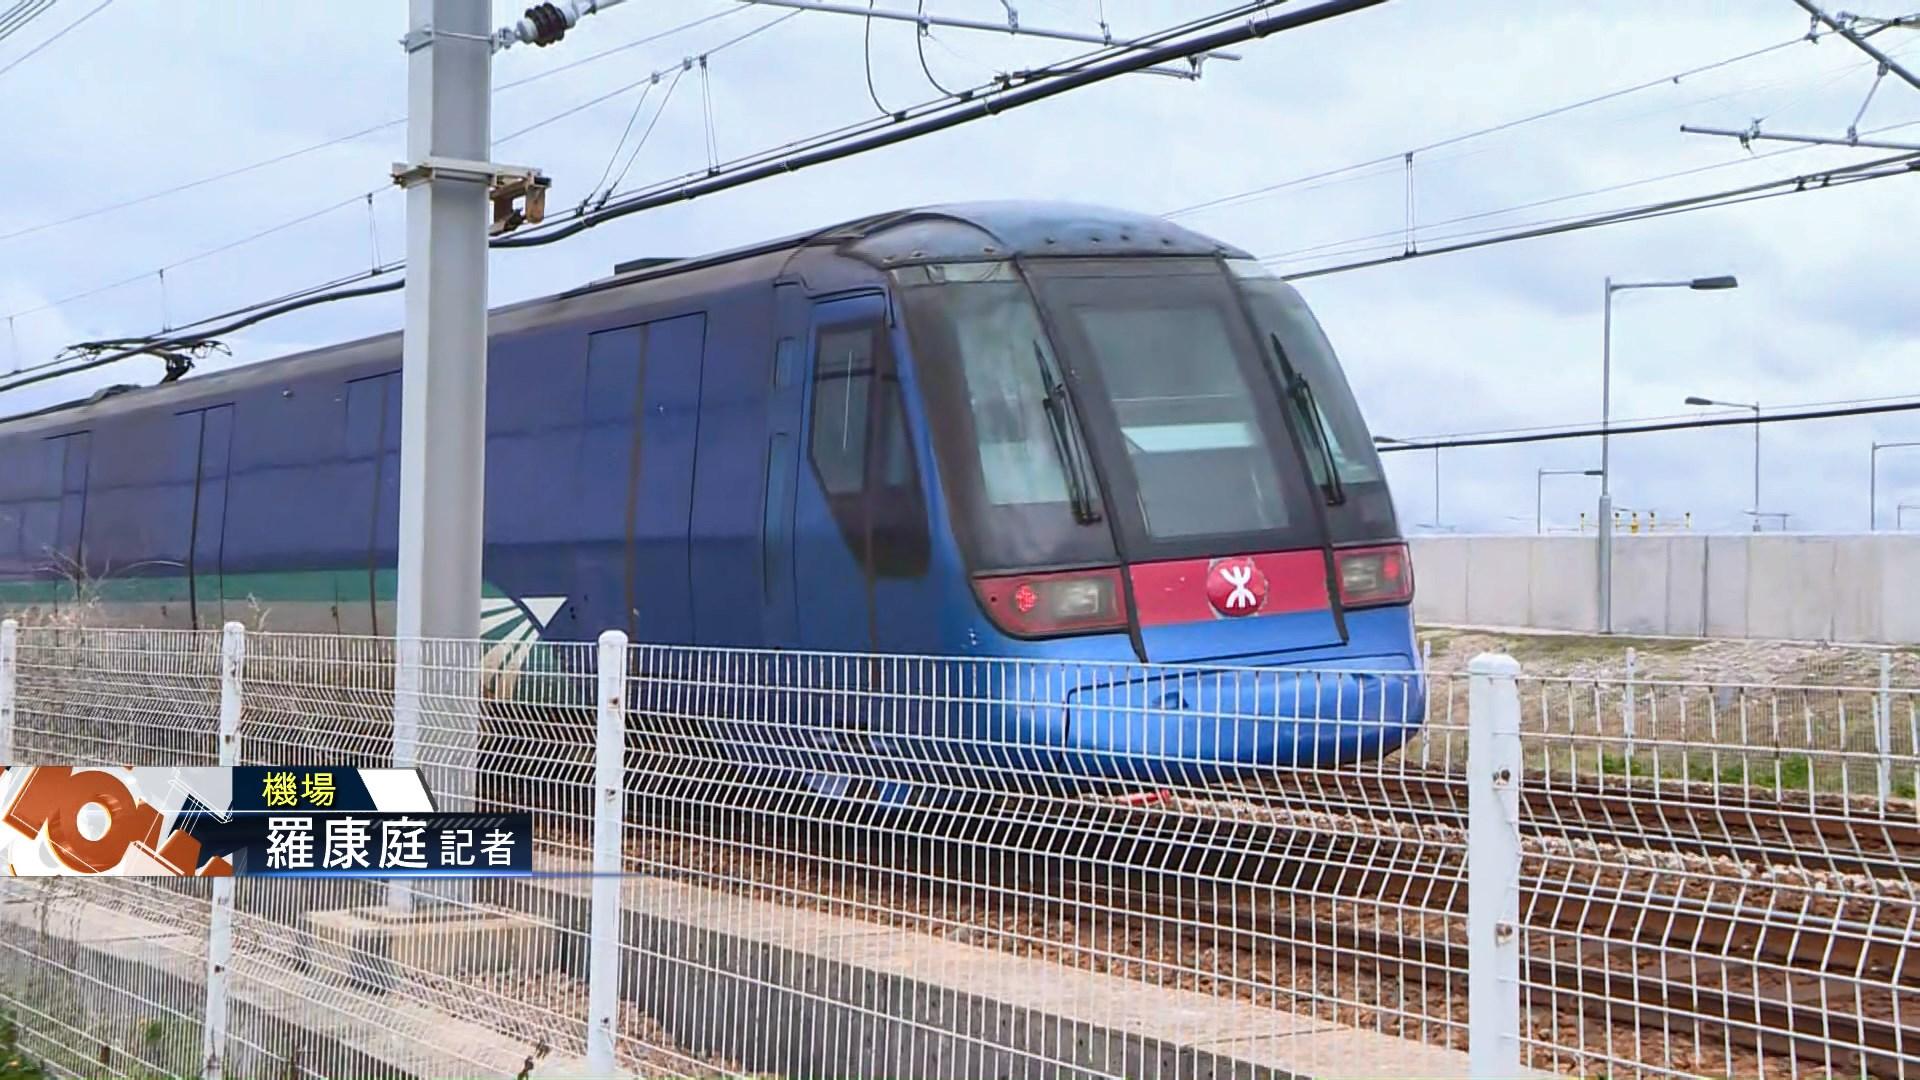 【現場報道】機場快綫路軌上有鐵枝等雜物 全線停駛